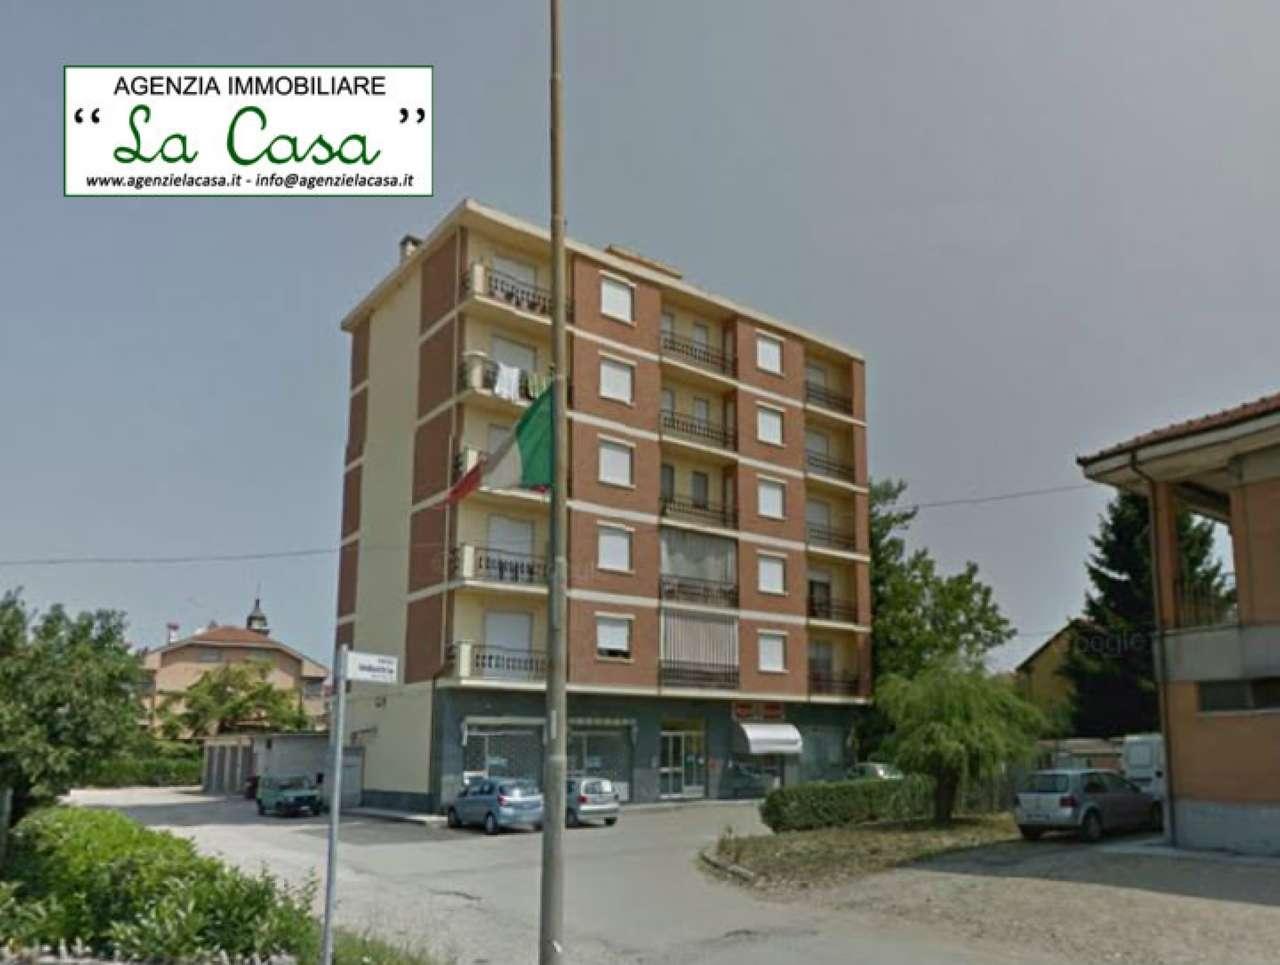 Appartamento in vendita a Dusino San Michele, 5 locali, prezzo € 55.000   CambioCasa.it